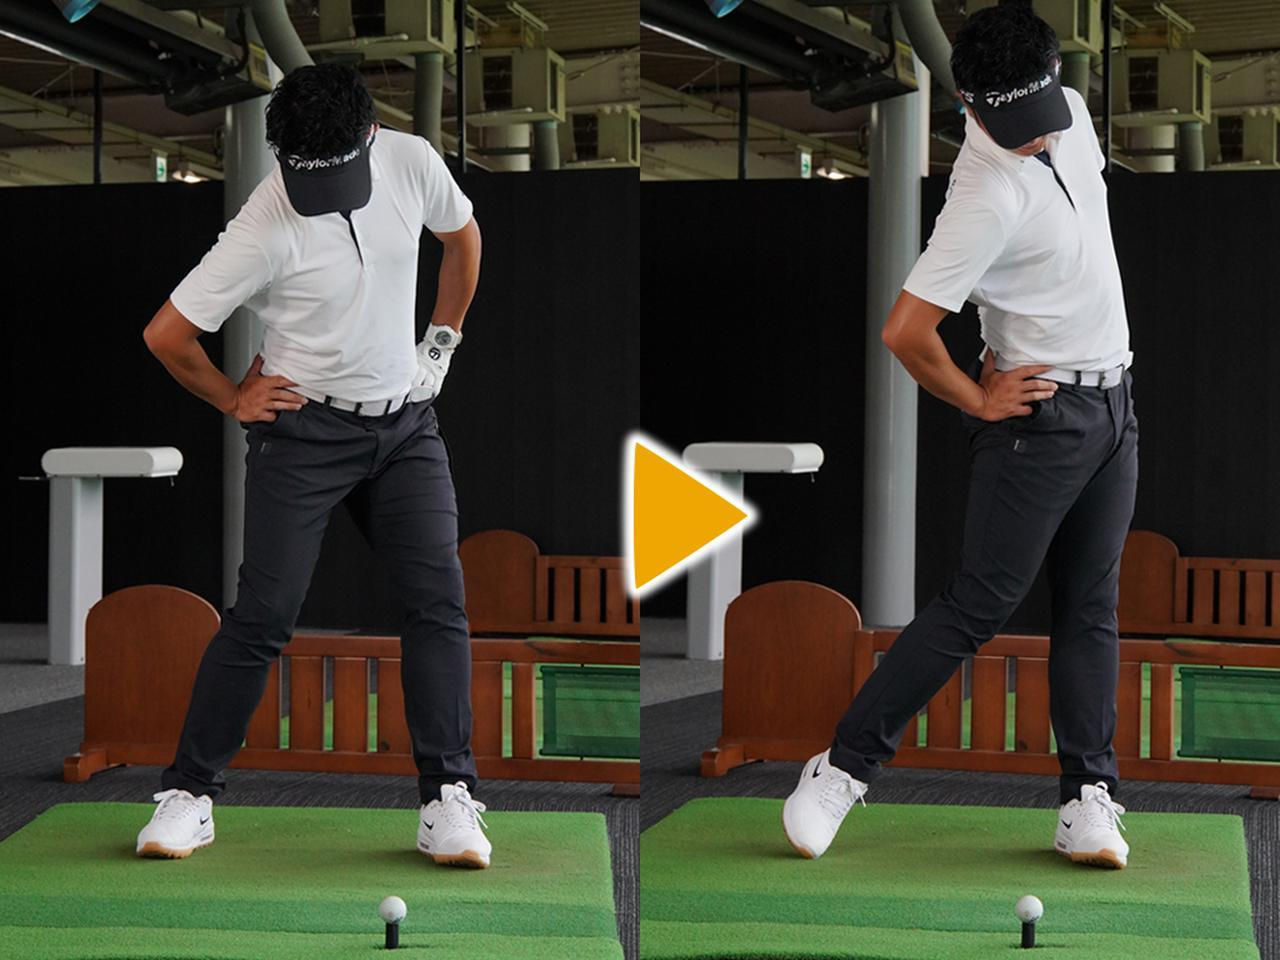 画像1: 左肩も一緒に「引く」ことで回転速度が上がる